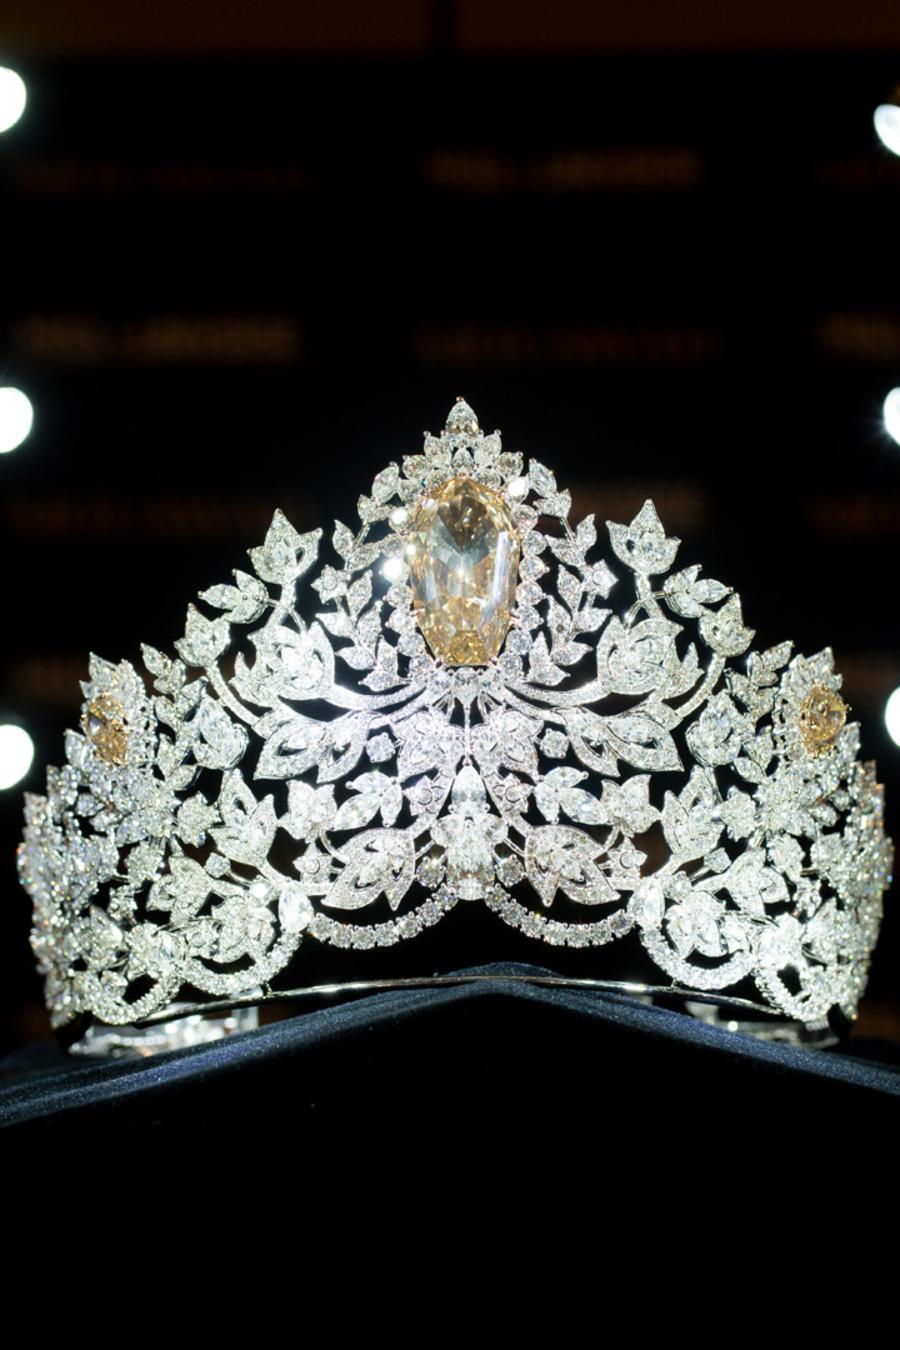 Presentación de la nueva corona de Miss Universo | Miss Universo 2019